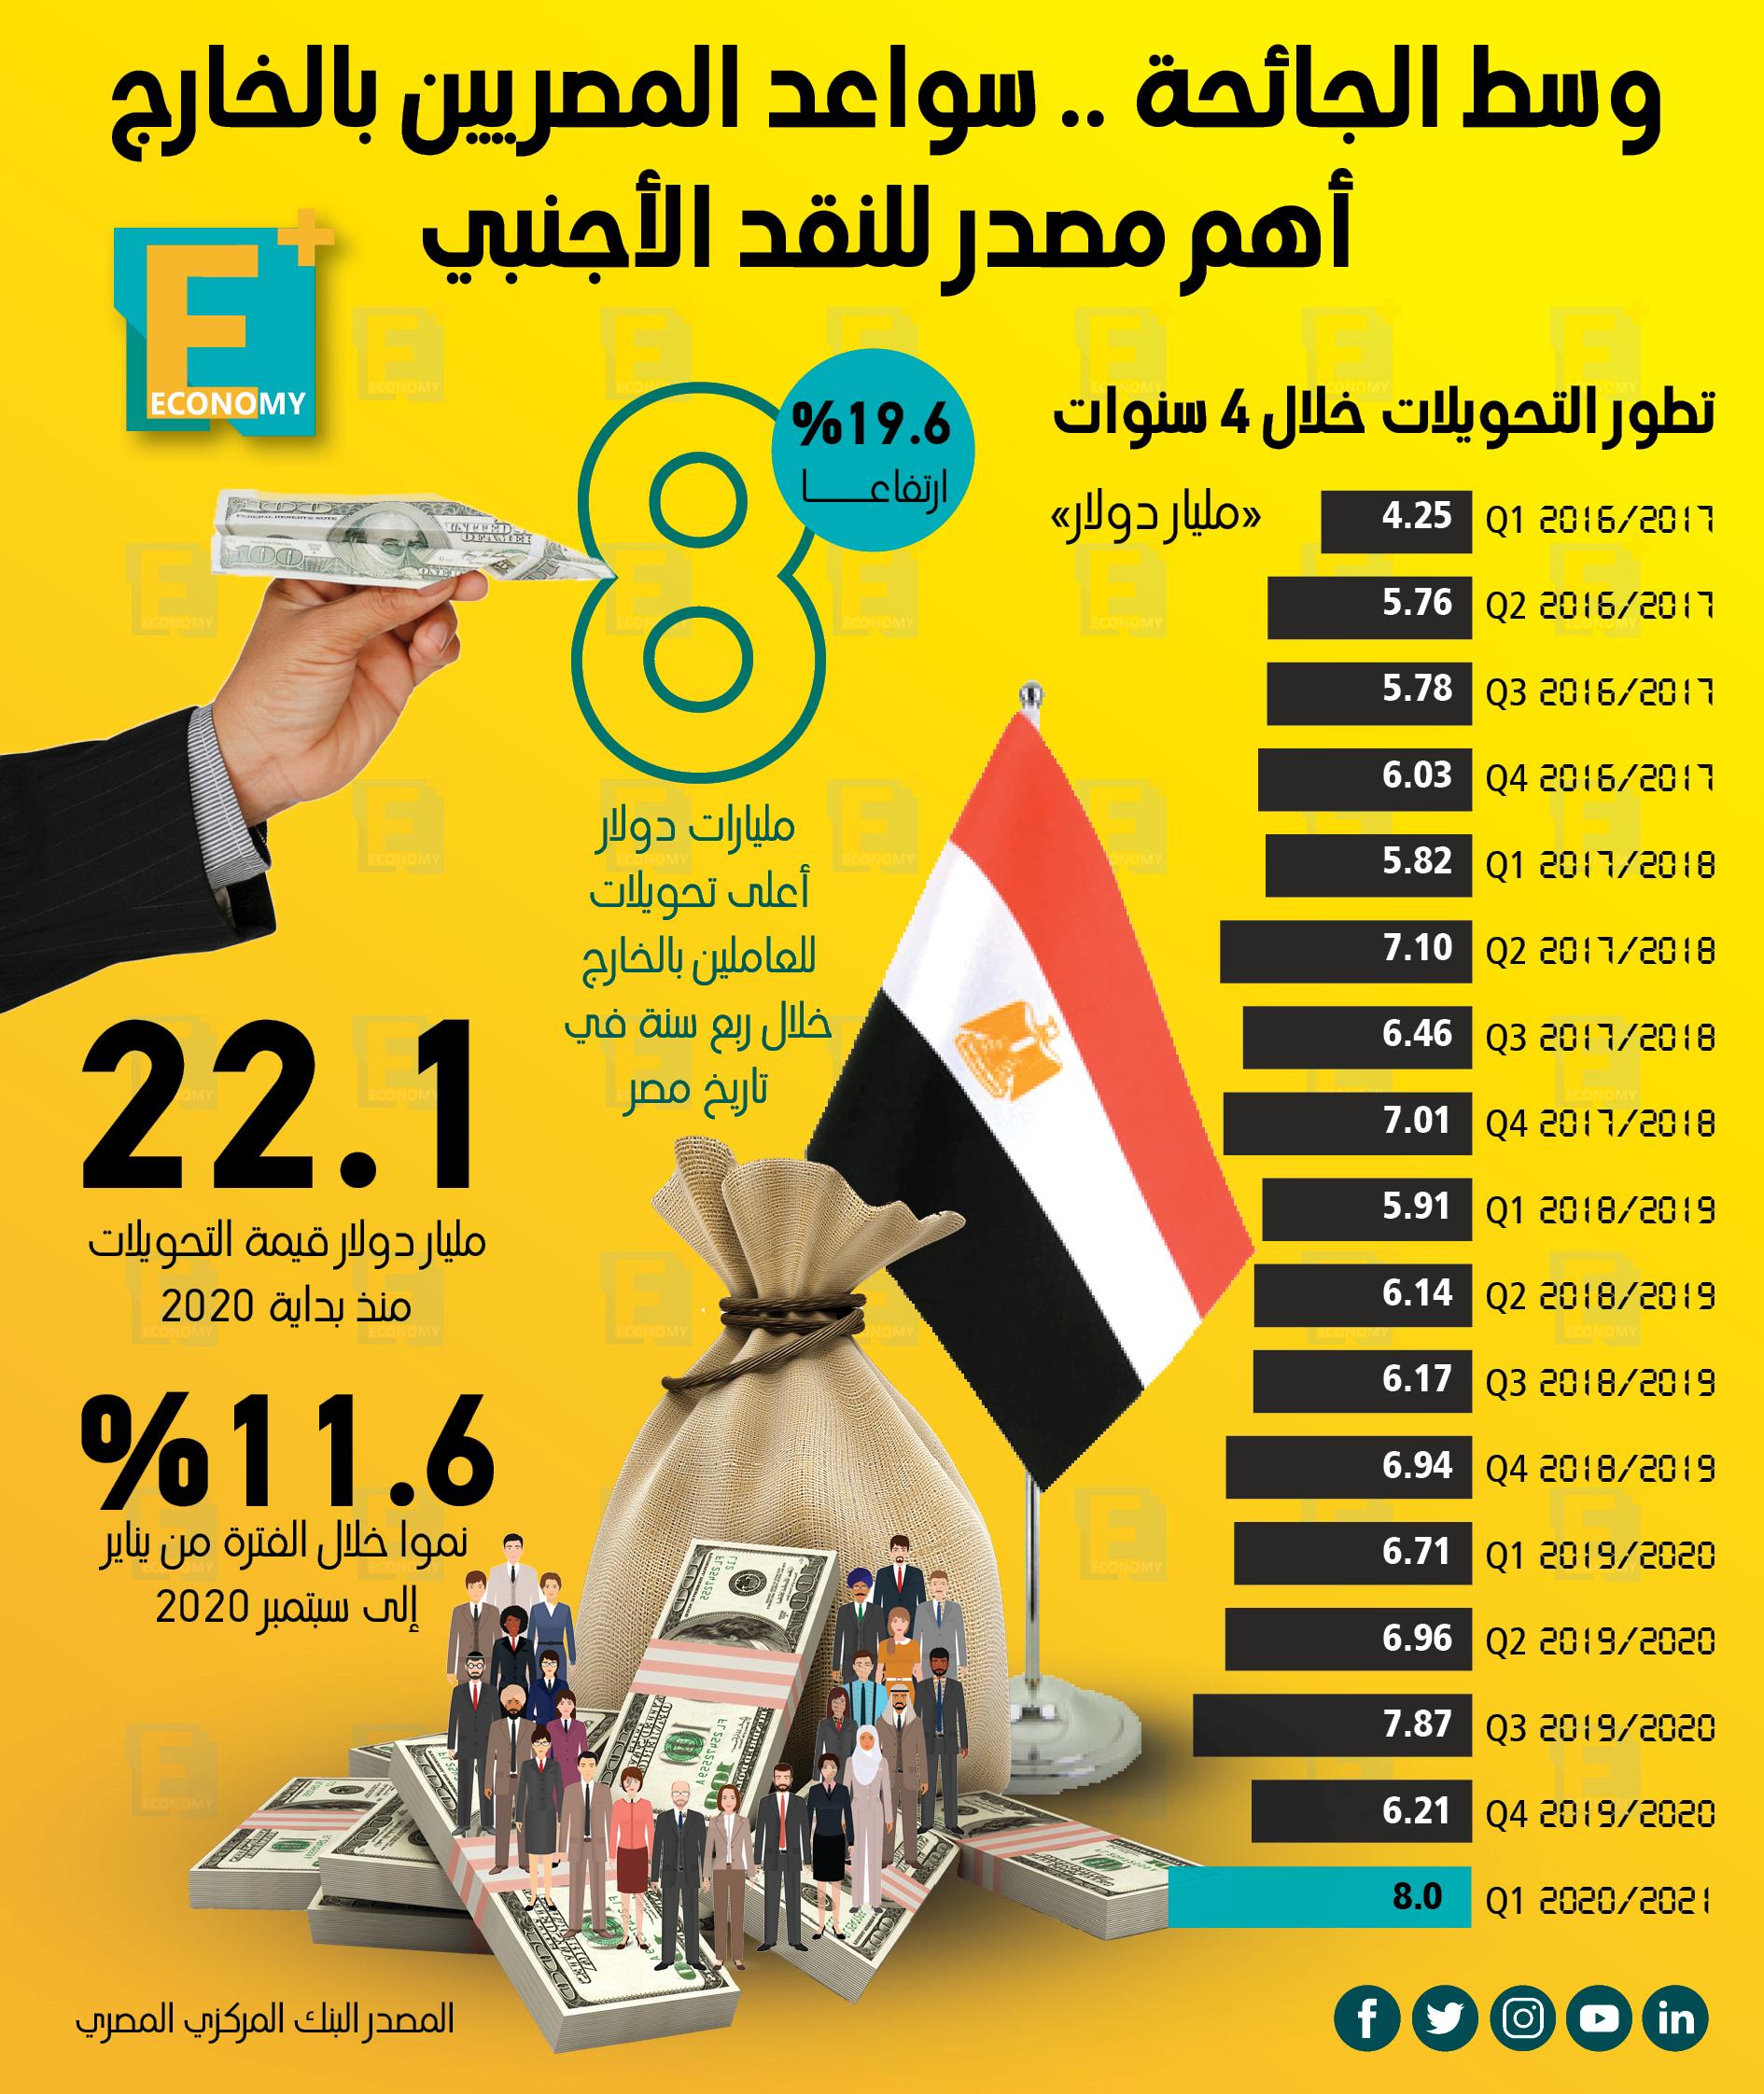 وسط الجائحة.. سواعد المصريين بالخارج أهم مصدر للنقد الأجنبي